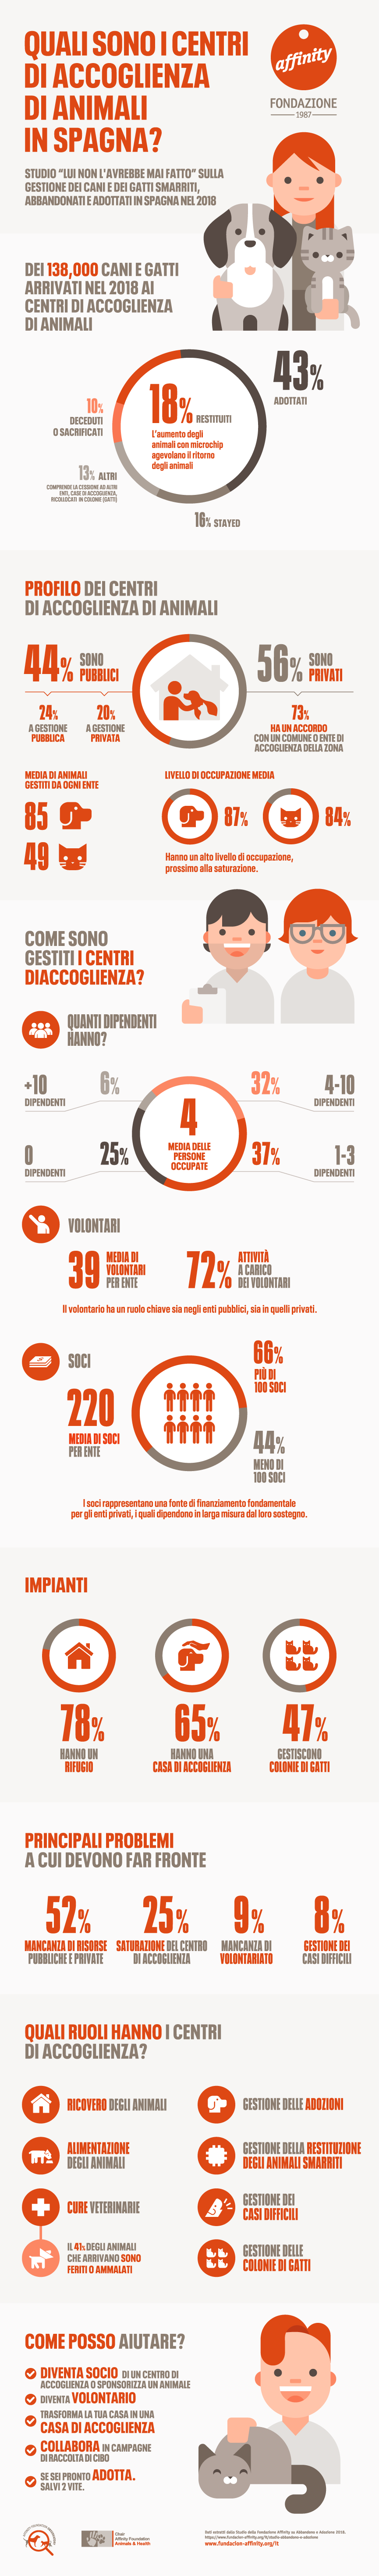 Infografica Quali sono i centri di accoglienza di animali in Spagna?